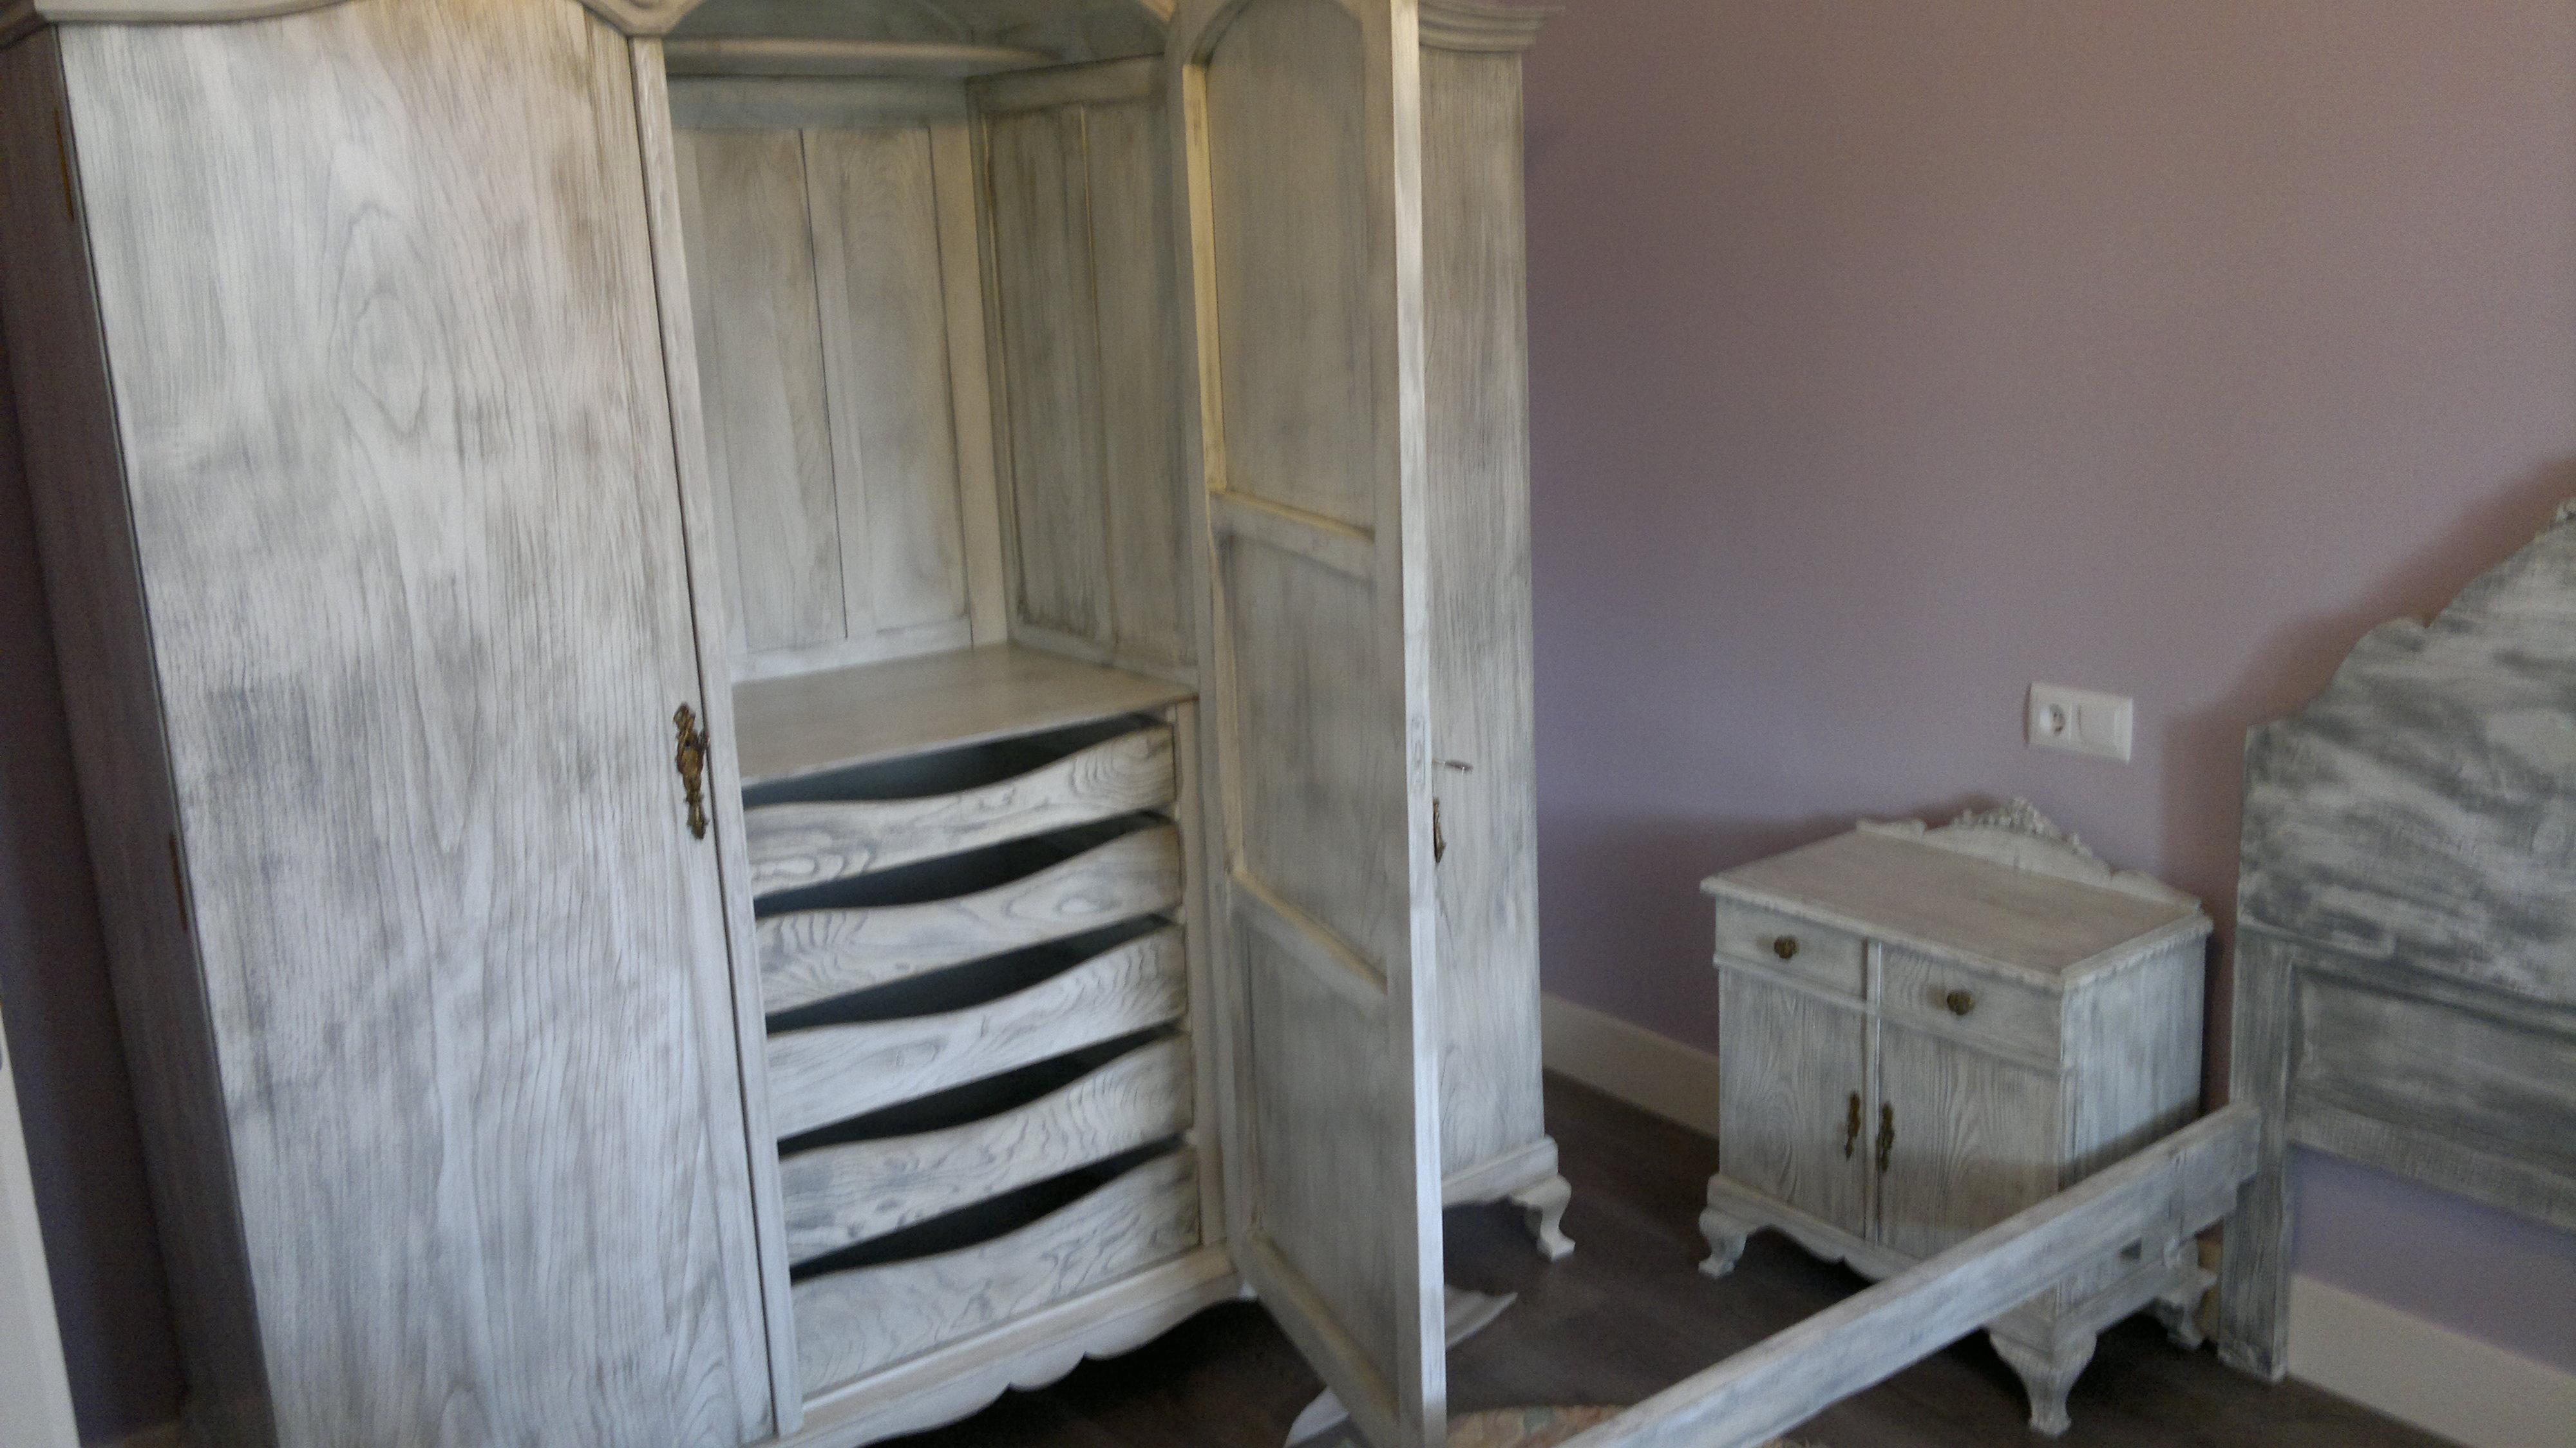 Recuperar Muebles Antiguos Dise Os Arquitect Nicos Mimasku Com # Rejuvenecer Muebles Antiguos